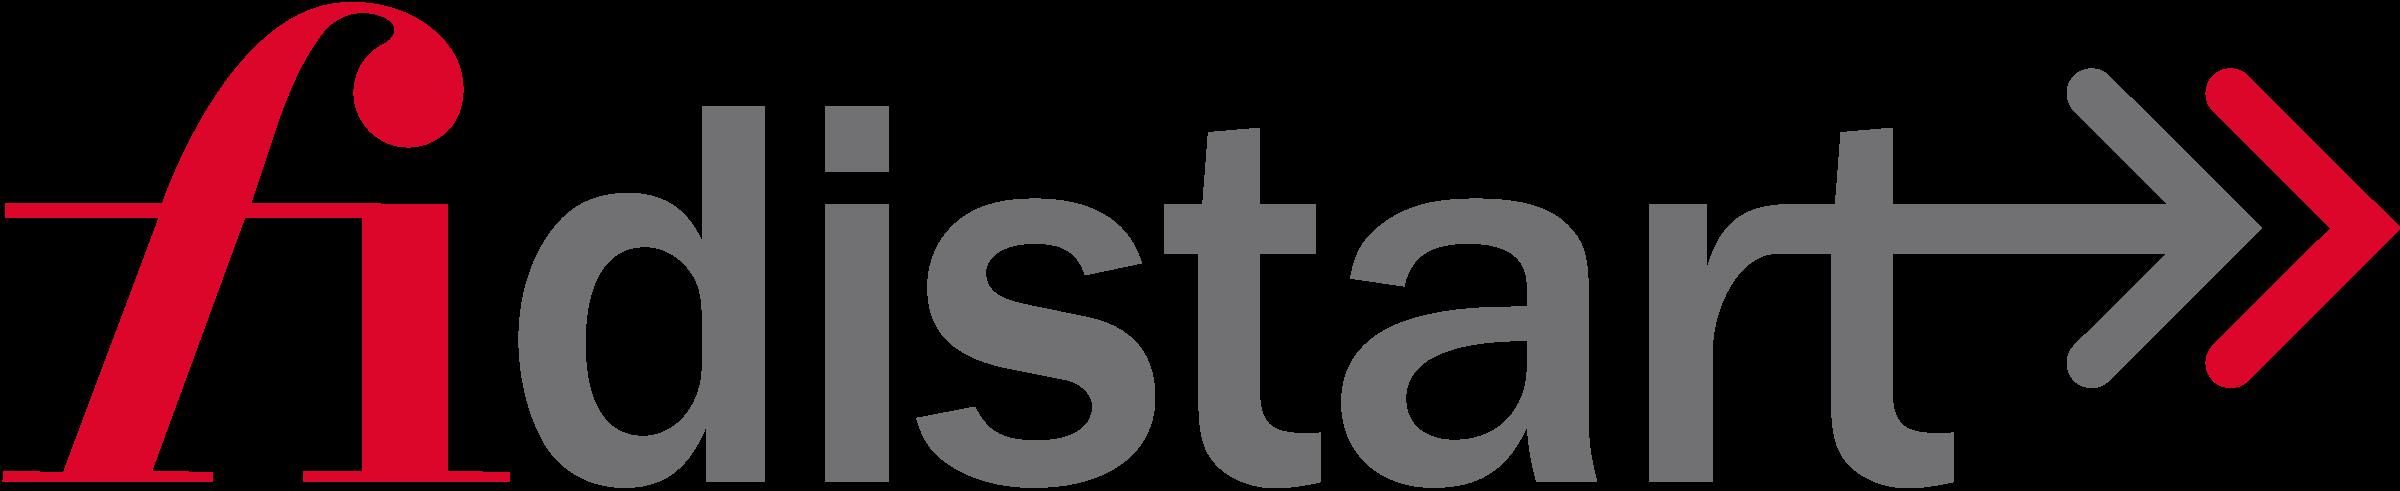 FID_Fidistart_Logo